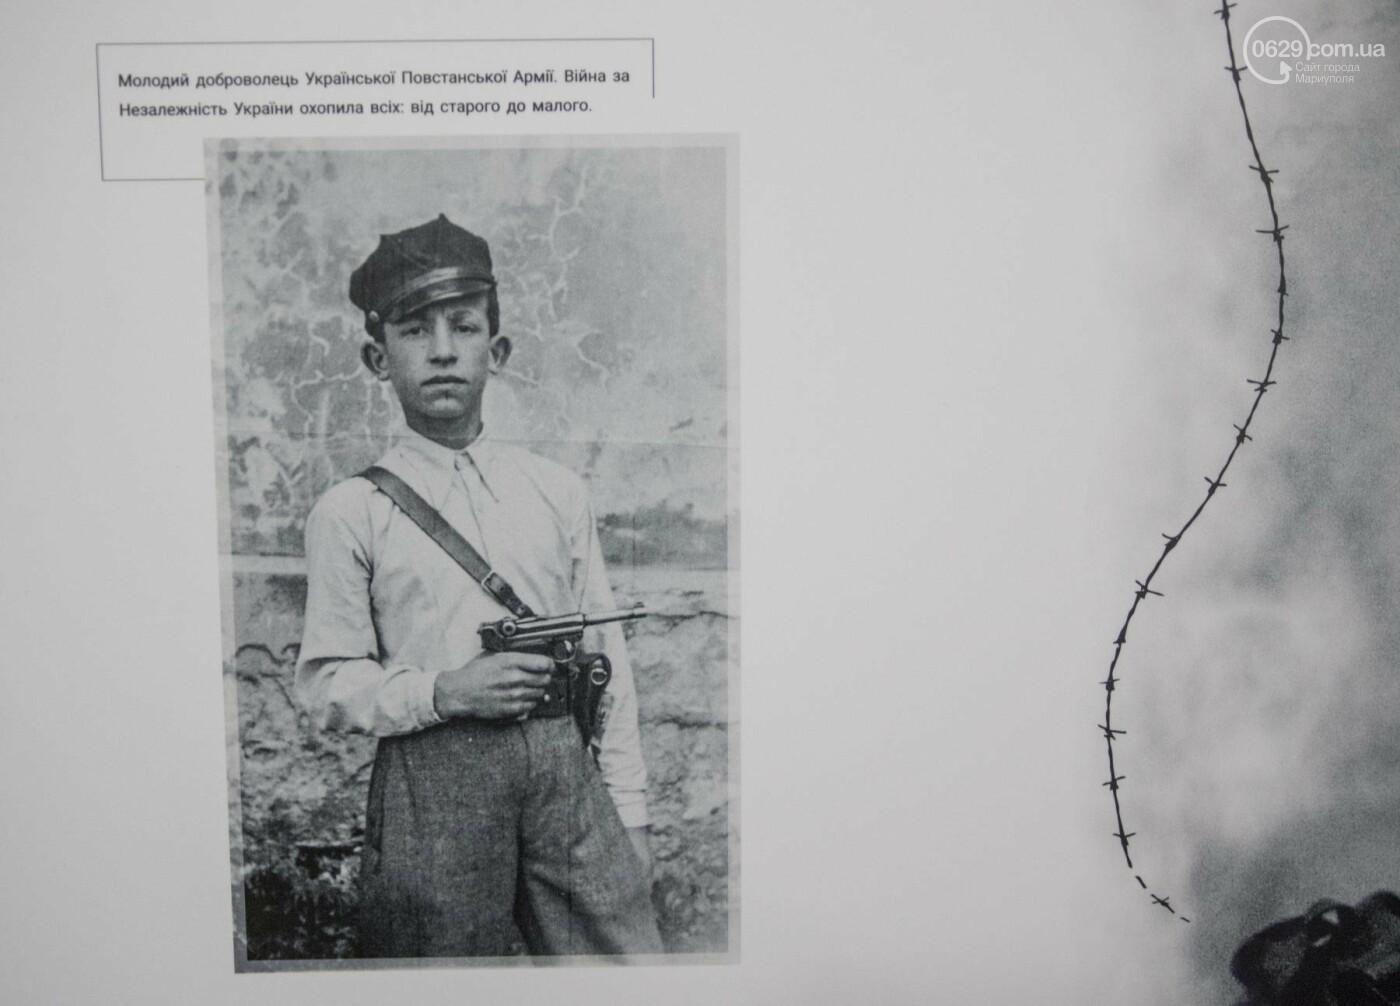 Фотовыставка «Два столетия, одна война»: в Мариуполе провели параллель между войной на Донбассе и борьбой УПА (ФОТО, ВИДЕО), фото-1